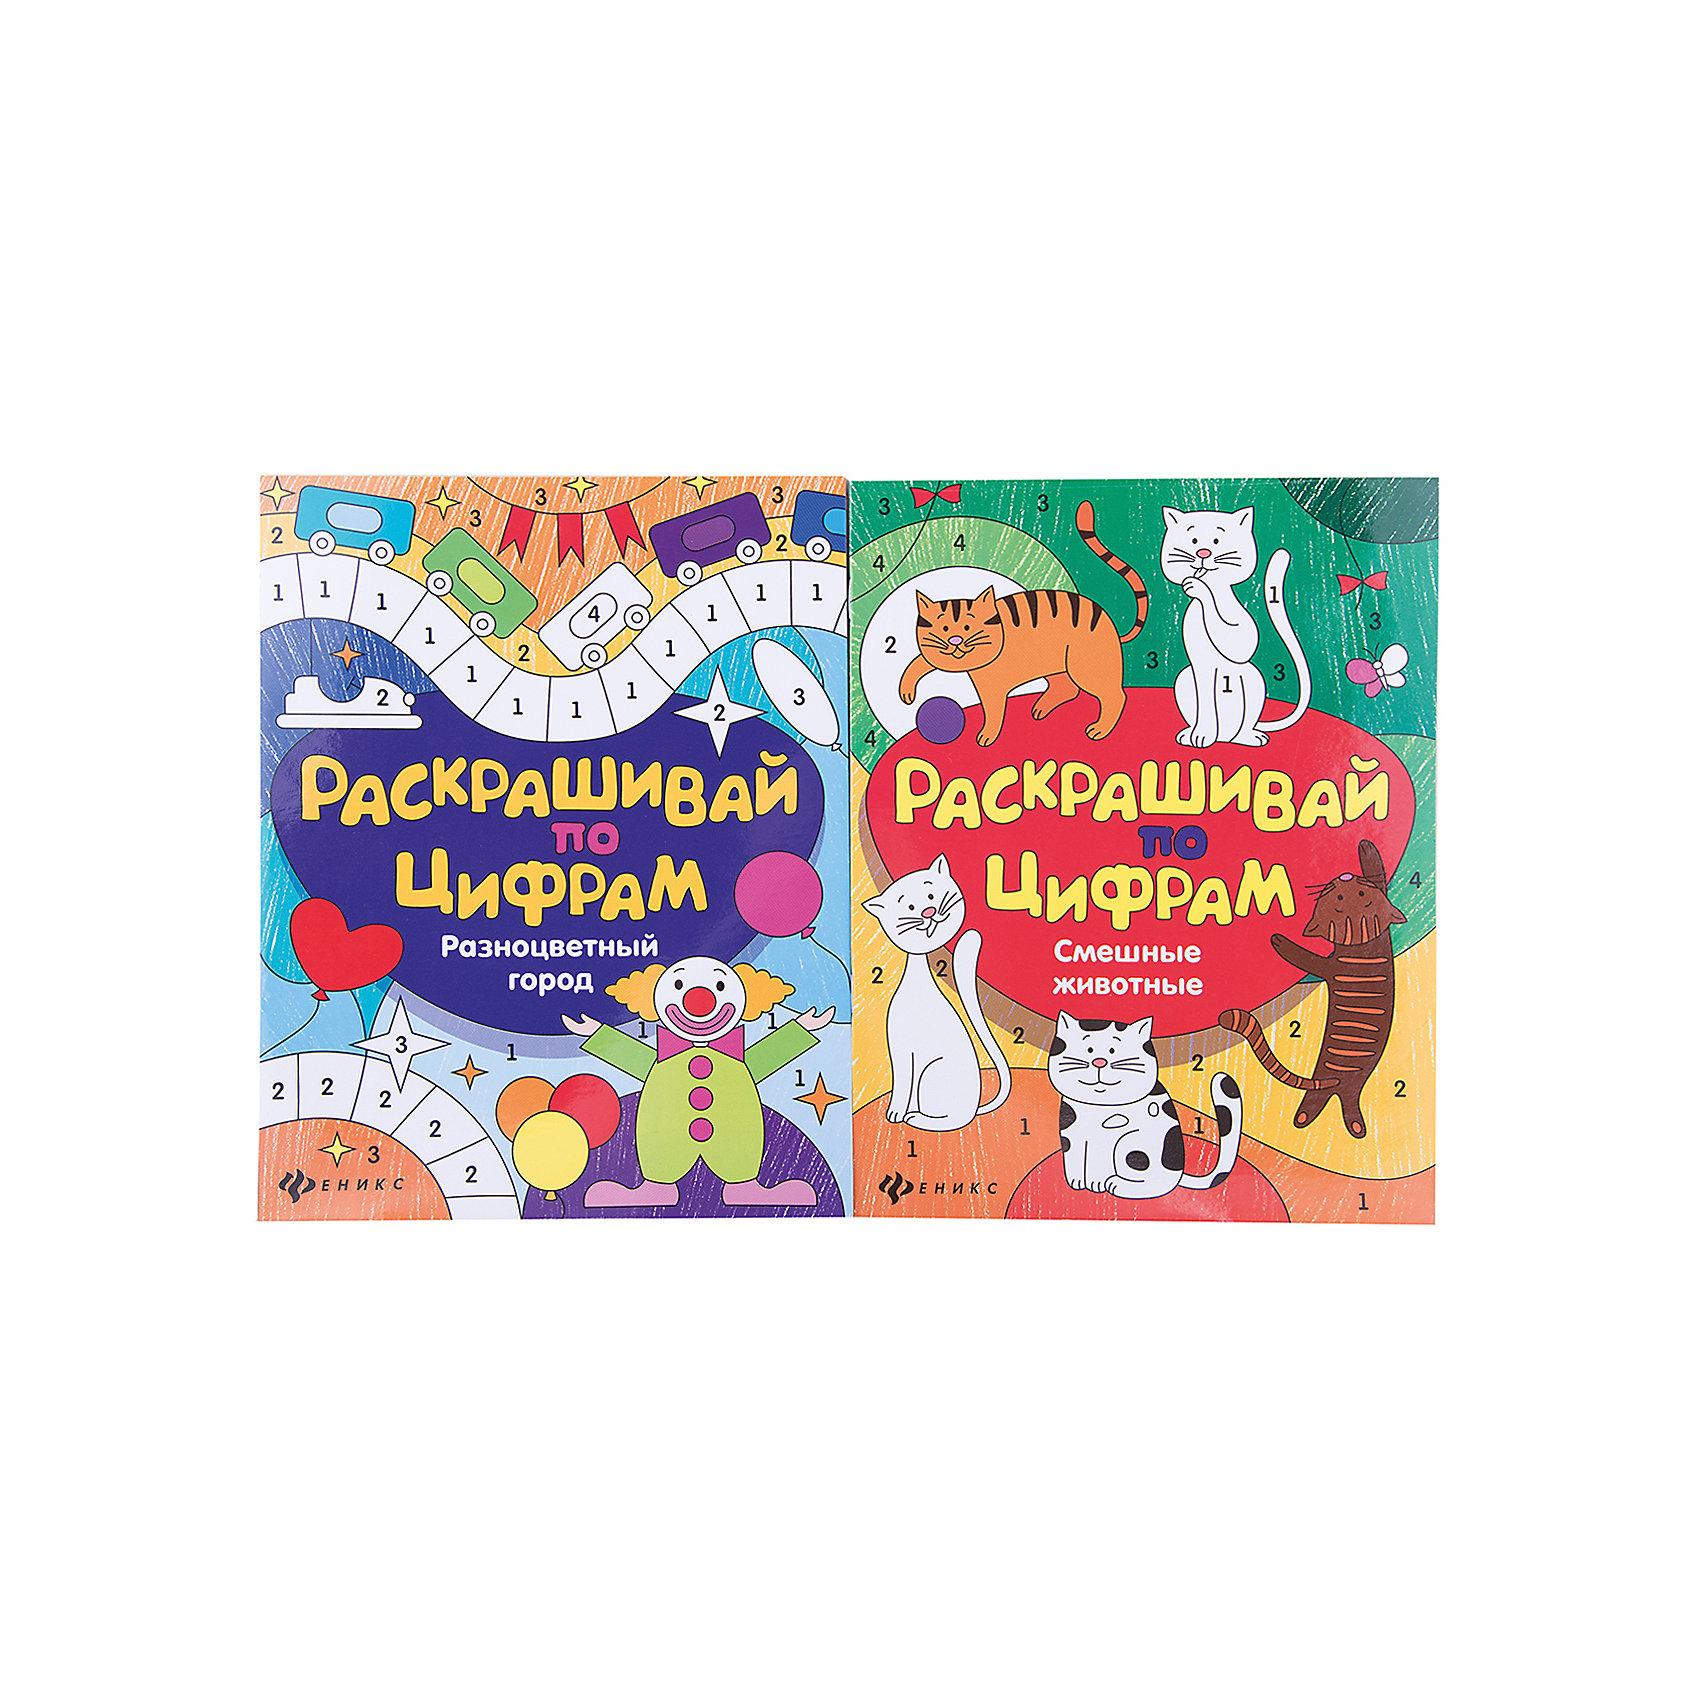 Комплект раскрасок Разноцветный город+ смешные животныеРаскраски по номерам<br>Характеристики:<br><br>• ISBN: 978-5-222-27121-1;<br>• ISBN: 978-5-222-25854-5;<br>• возраст: с 2 лет;<br>• формат: 84х108/16;<br>• бумага: офсет;<br>• тип обложки: мягкий переплет (крепление скрепкой или клеем);<br>• иллюстрации: цветные;<br>• серия: Раскрашивай по цифрам;<br>• издательство: Феникс, 2016 г.;<br>• автор: Разумовская Юлия;<br>• редактор: Разумовская Юлия;<br>• художник: Таширова Юлия;<br>• количество страниц в книге: 16;<br>• размеры книги: 26х19,9х0,2 см;<br>• масса книги: 66 г.<br><br>В набор входит 2 книжки: <br><br>• «Разноцветный город»;<br>• «Смешные животные».<br><br>Замечательные раскраски понравятся и мальчикам и девочкам. Необычные иллюстрации нужно раскрашивать карандашами, выбирая тот цвет, который соответствует номеру на рисунке.<br><br>Малыши смогут не только заниматься рисованием, но и выучат цифры и цвета. Если следовать инструкции и правильно закрашивать секции, то получатся красивые рисунки.<br><br>Набор книг «Разноцветный город + Смешные животные», Разумовская Ю., Феникс, можно купить в нашем интернет-магазине.<br><br>Ширина мм: 260<br>Глубина мм: 199<br>Высота мм: 40<br>Вес г: 426<br>Возраст от месяцев: 24<br>Возраст до месяцев: 2147483647<br>Пол: Унисекс<br>Возраст: Детский<br>SKU: 6873686